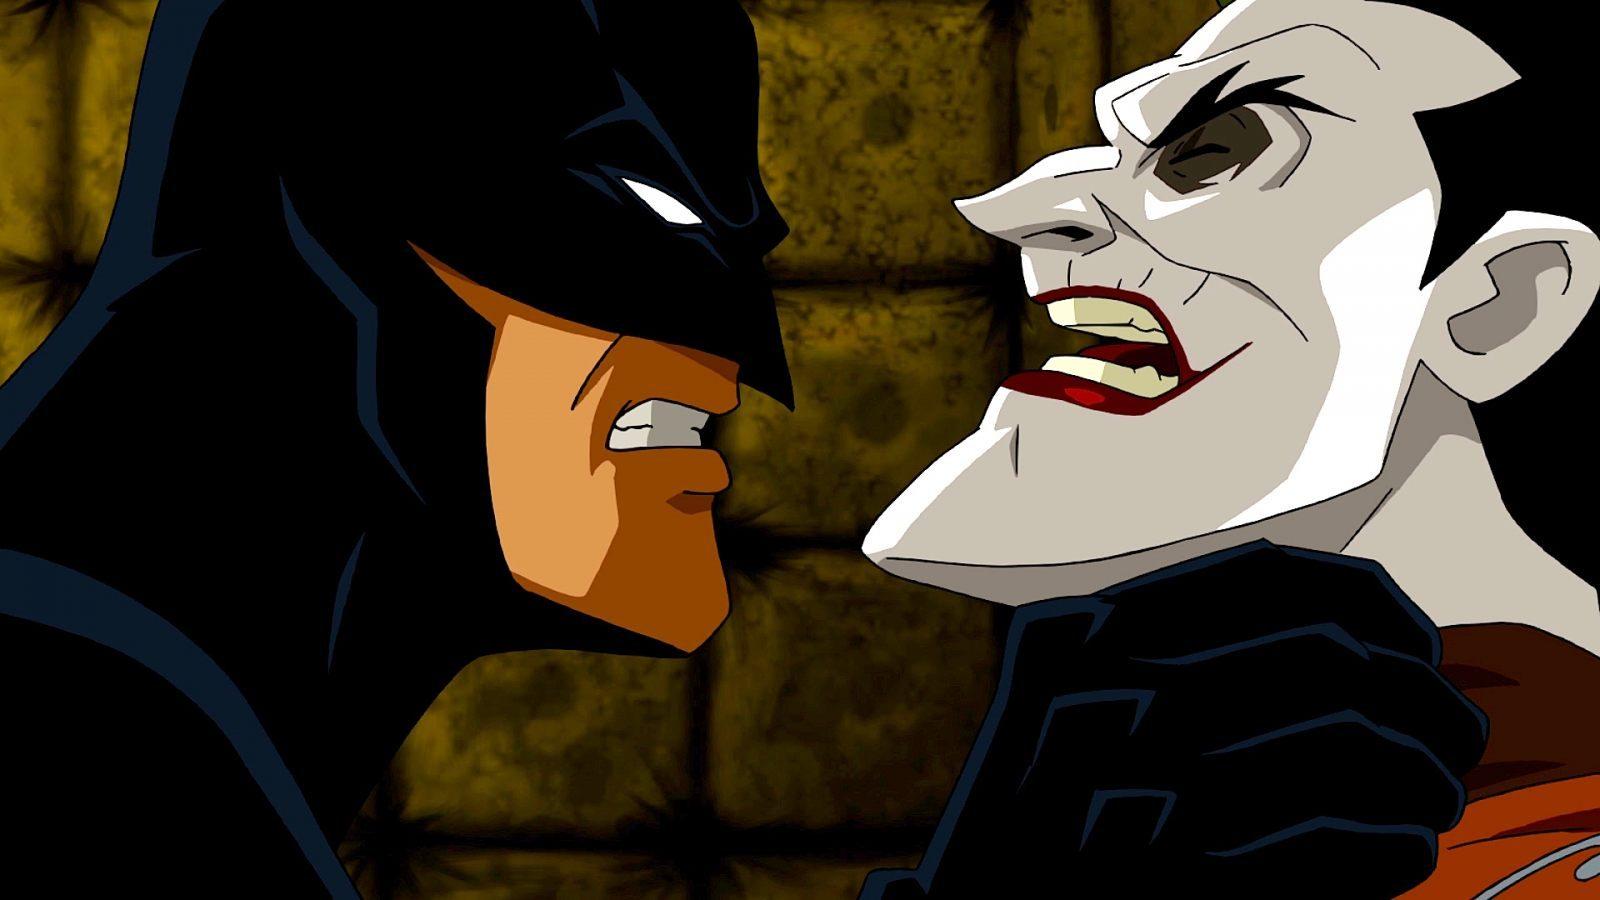 Batman y Joker :: Imágenes y fotos